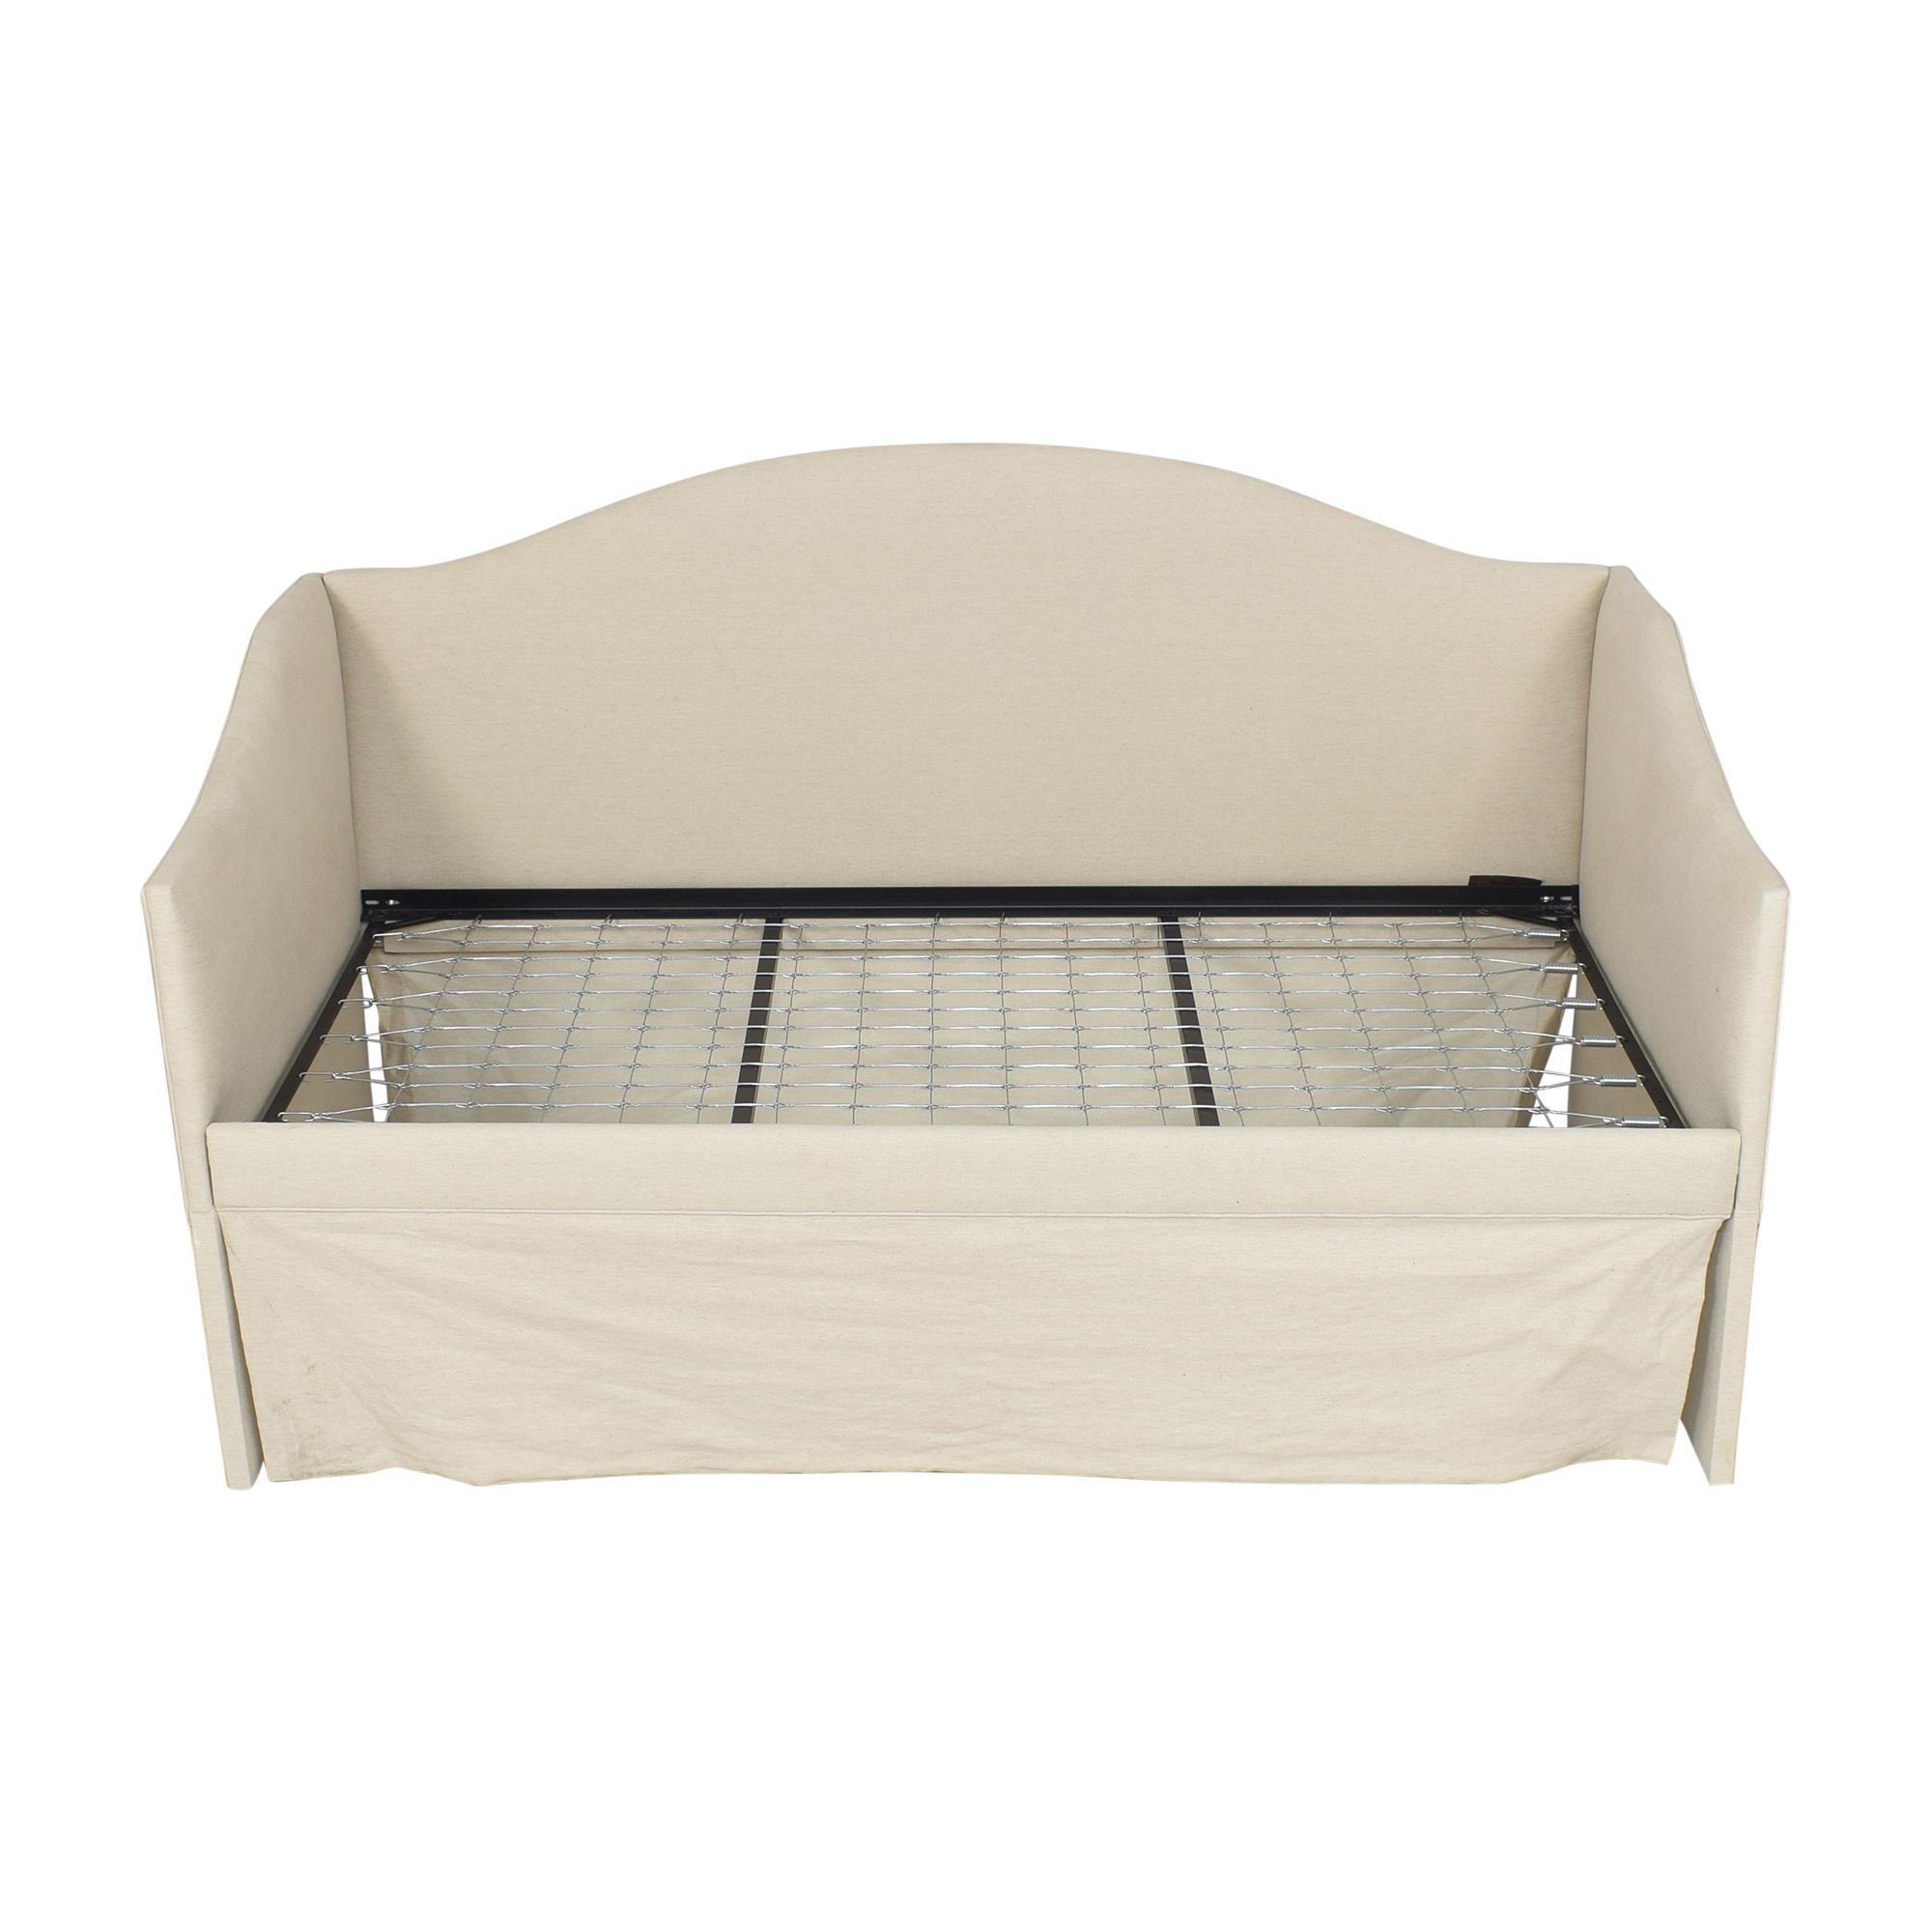 Ballard Designs Camden Twin Daybed / Bed Frames